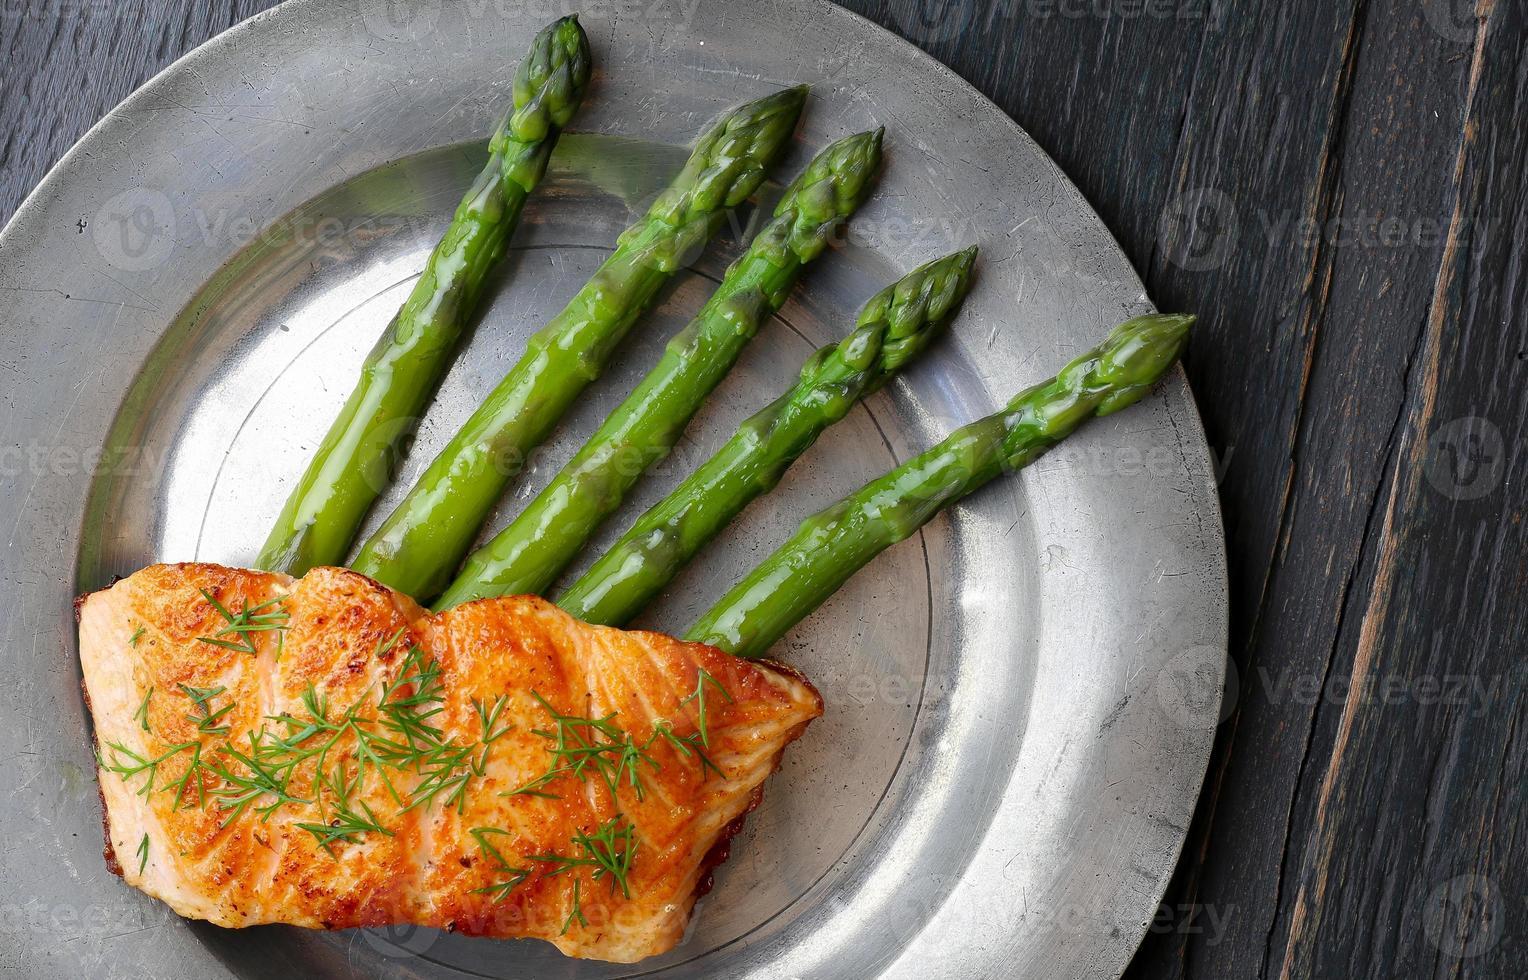 filetto di salmone con asparagi sul vecchio piatto di latta foto